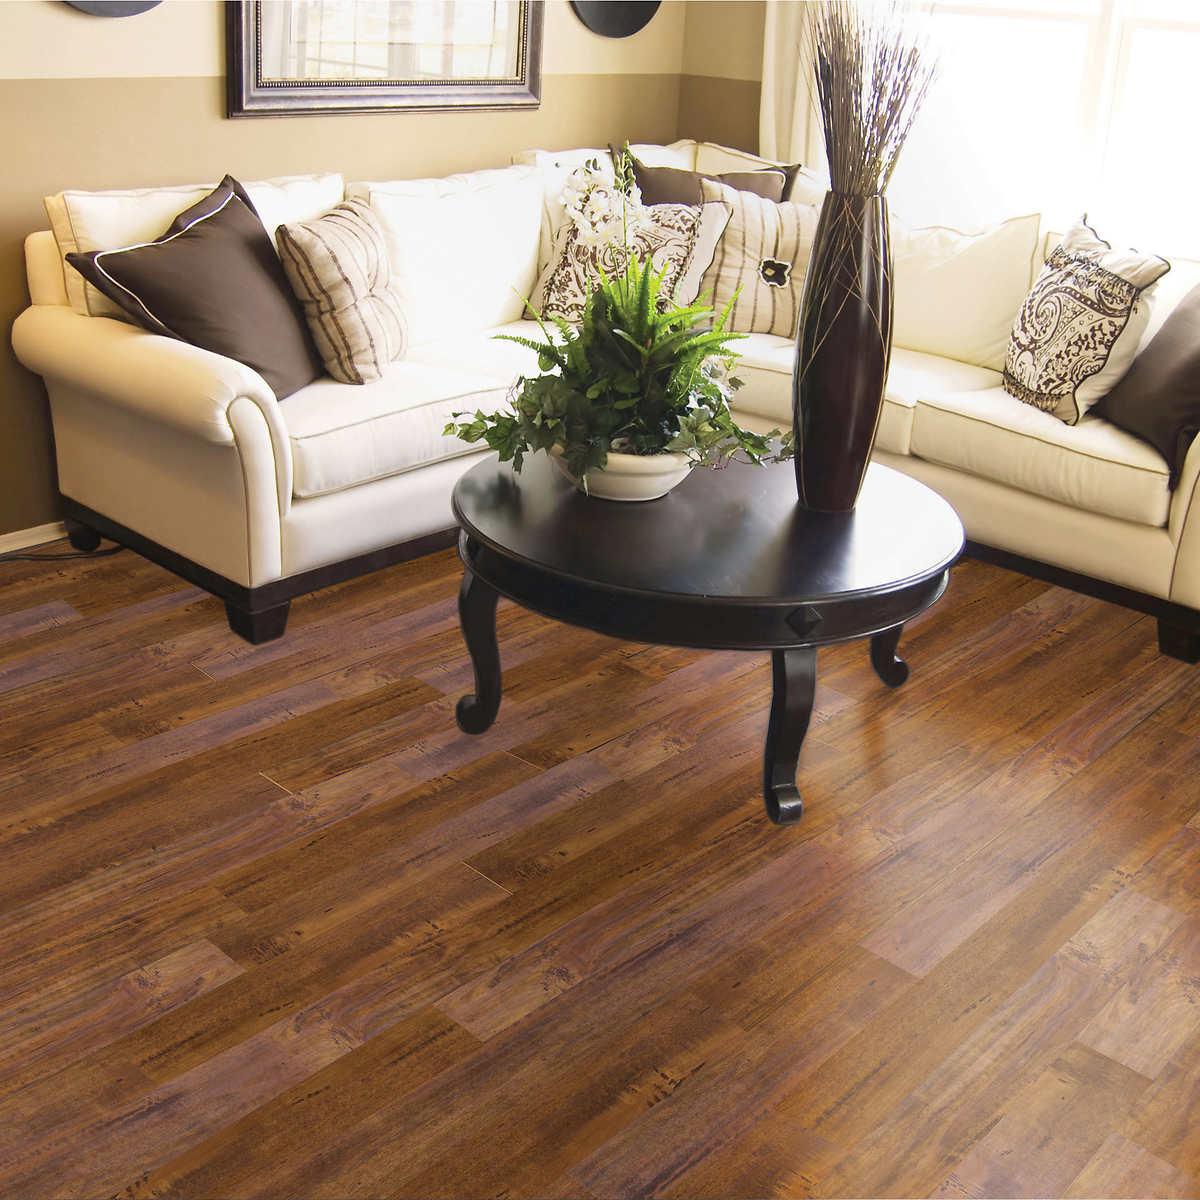 Furniture Warehouse Kitchener Laminate Flooring